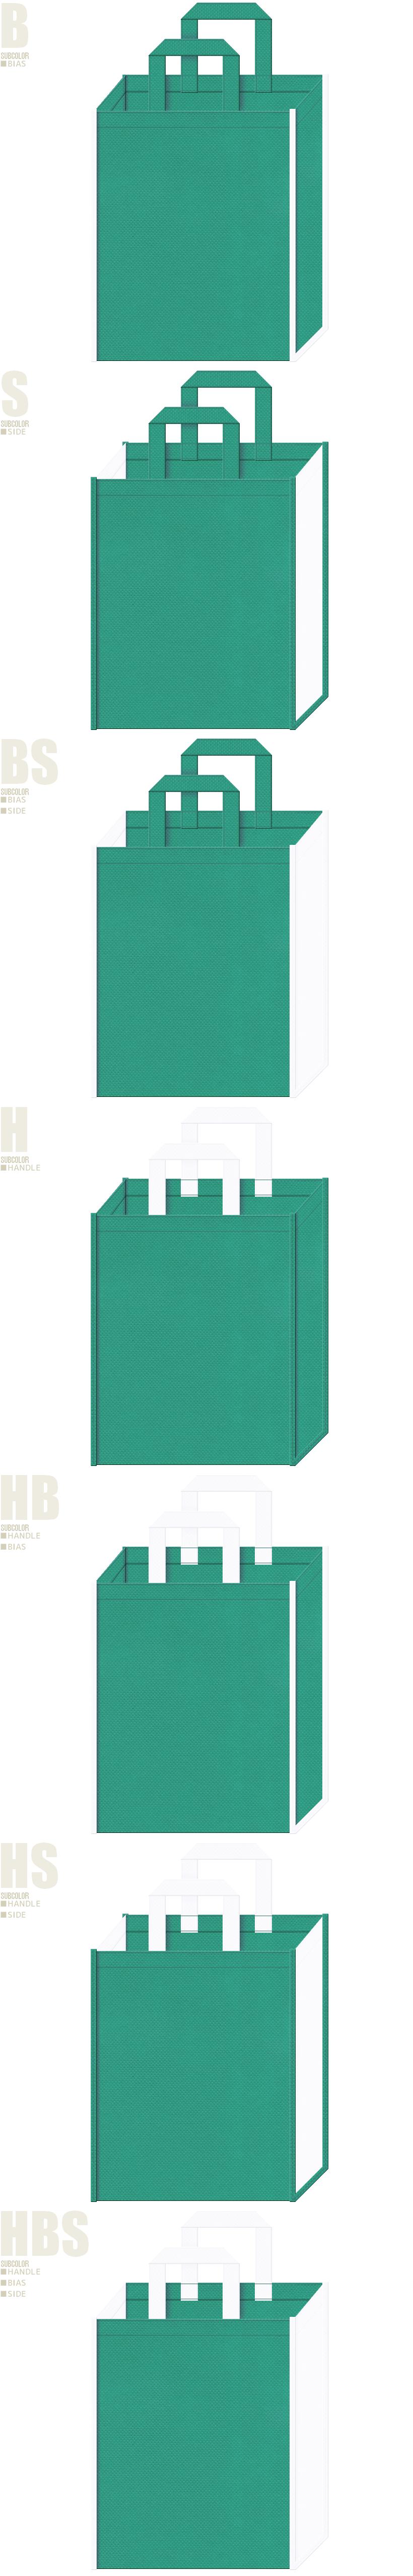 歯磨き・医療器具・クーラー・掃除・洗濯・コインランドリー・クリーニング用品の展示会用バッグにお奨めの不織布バッグデザイン:青緑色と白色の不織布バッグ配色7パターン。